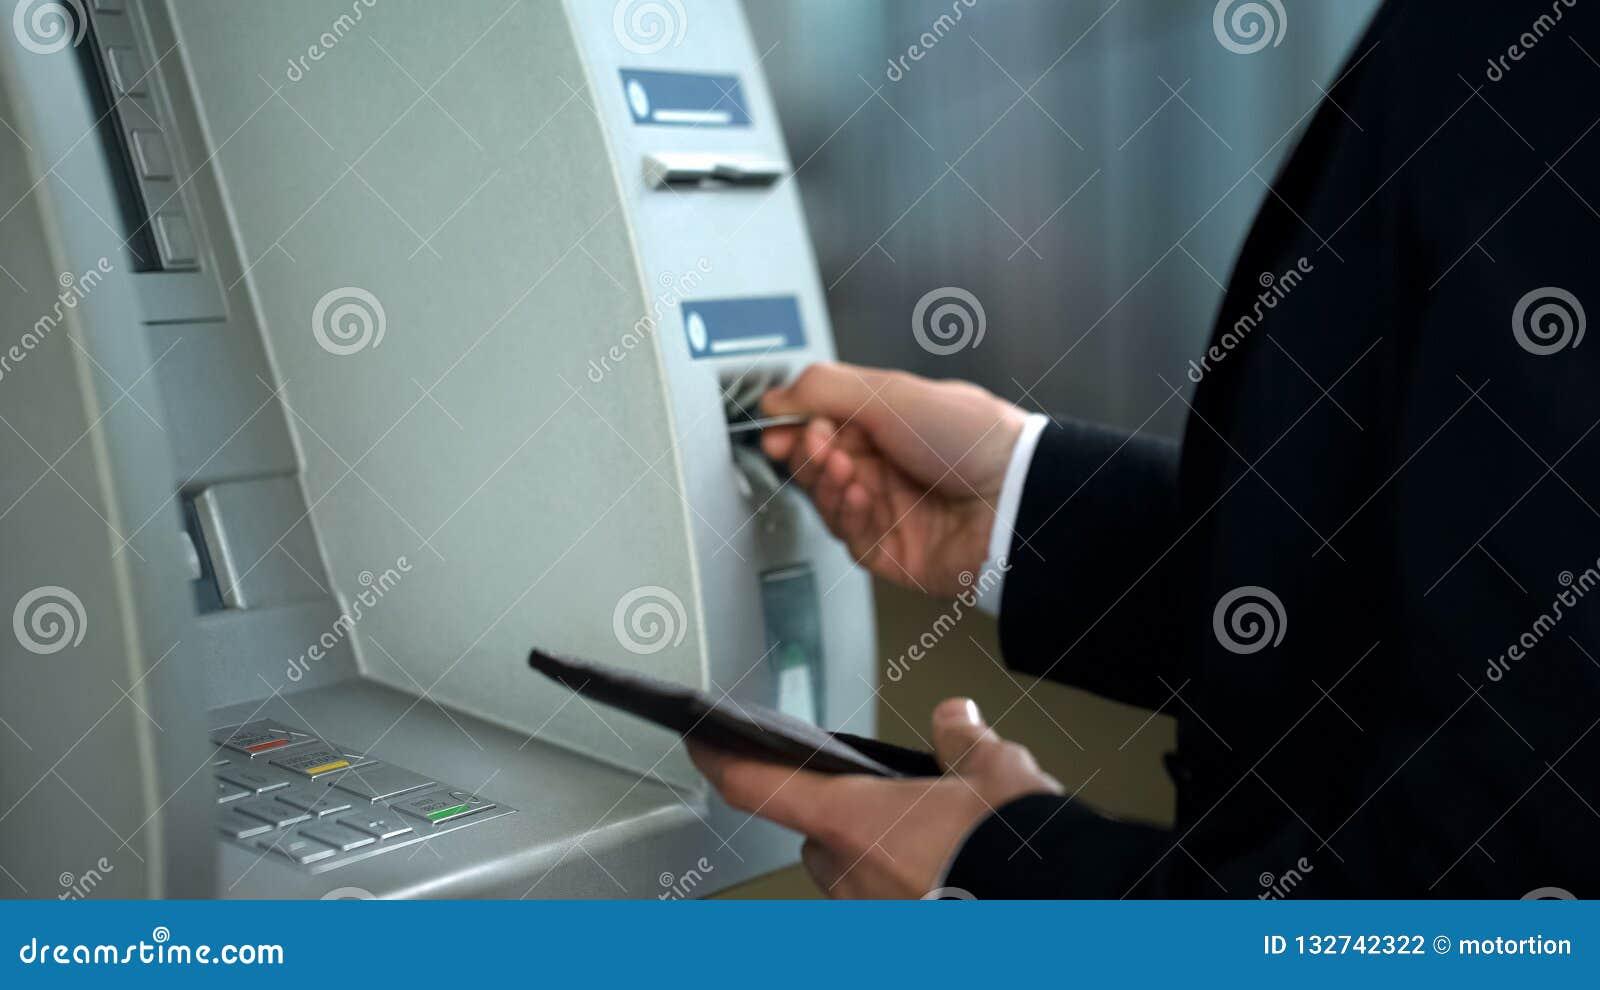 商人完成的银行业务交易,去除卡片从ATM,银行业务